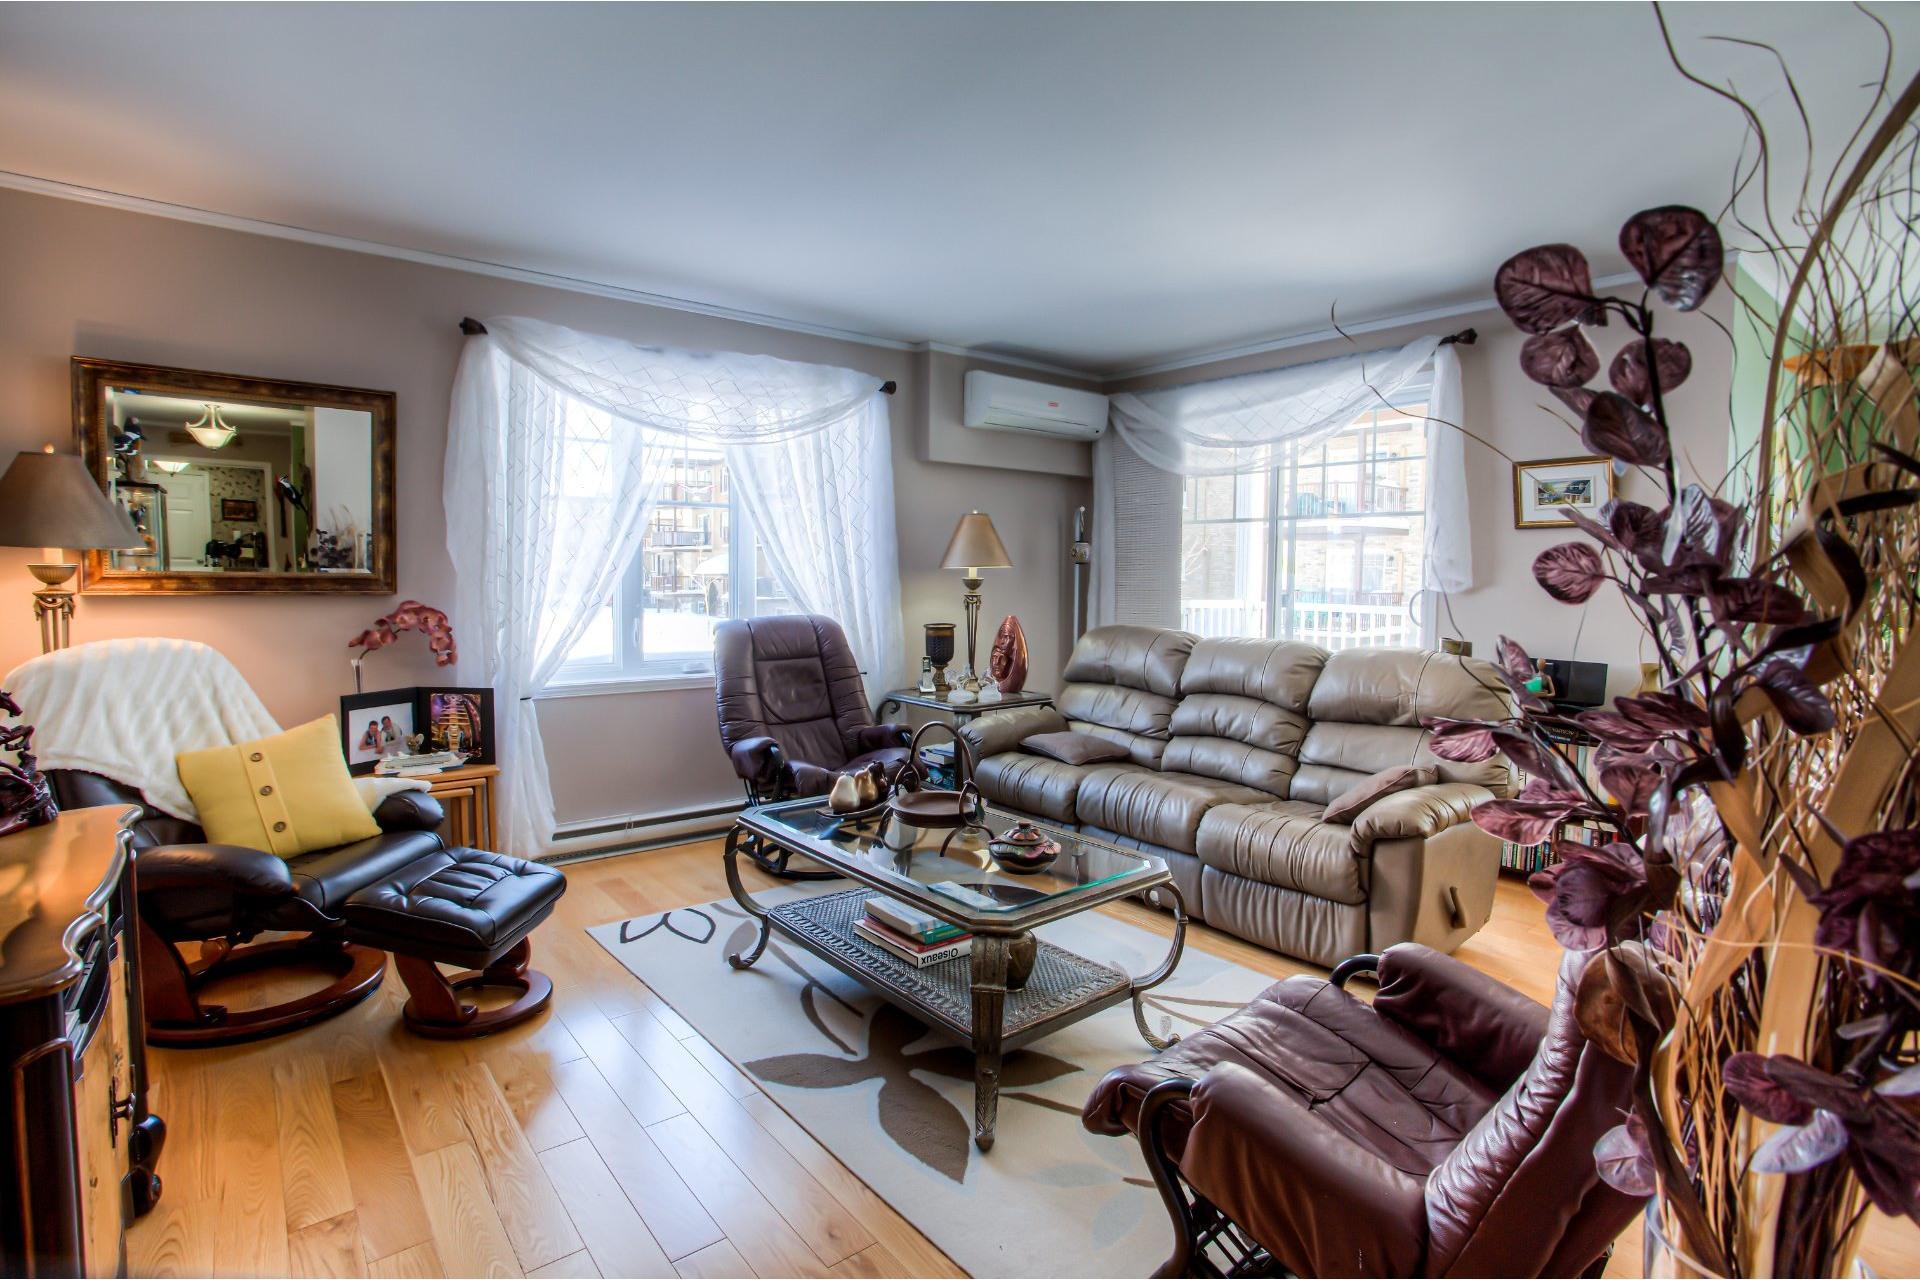 image 3 - Appartement À vendre Vaudreuil-Dorion - 7 pièces